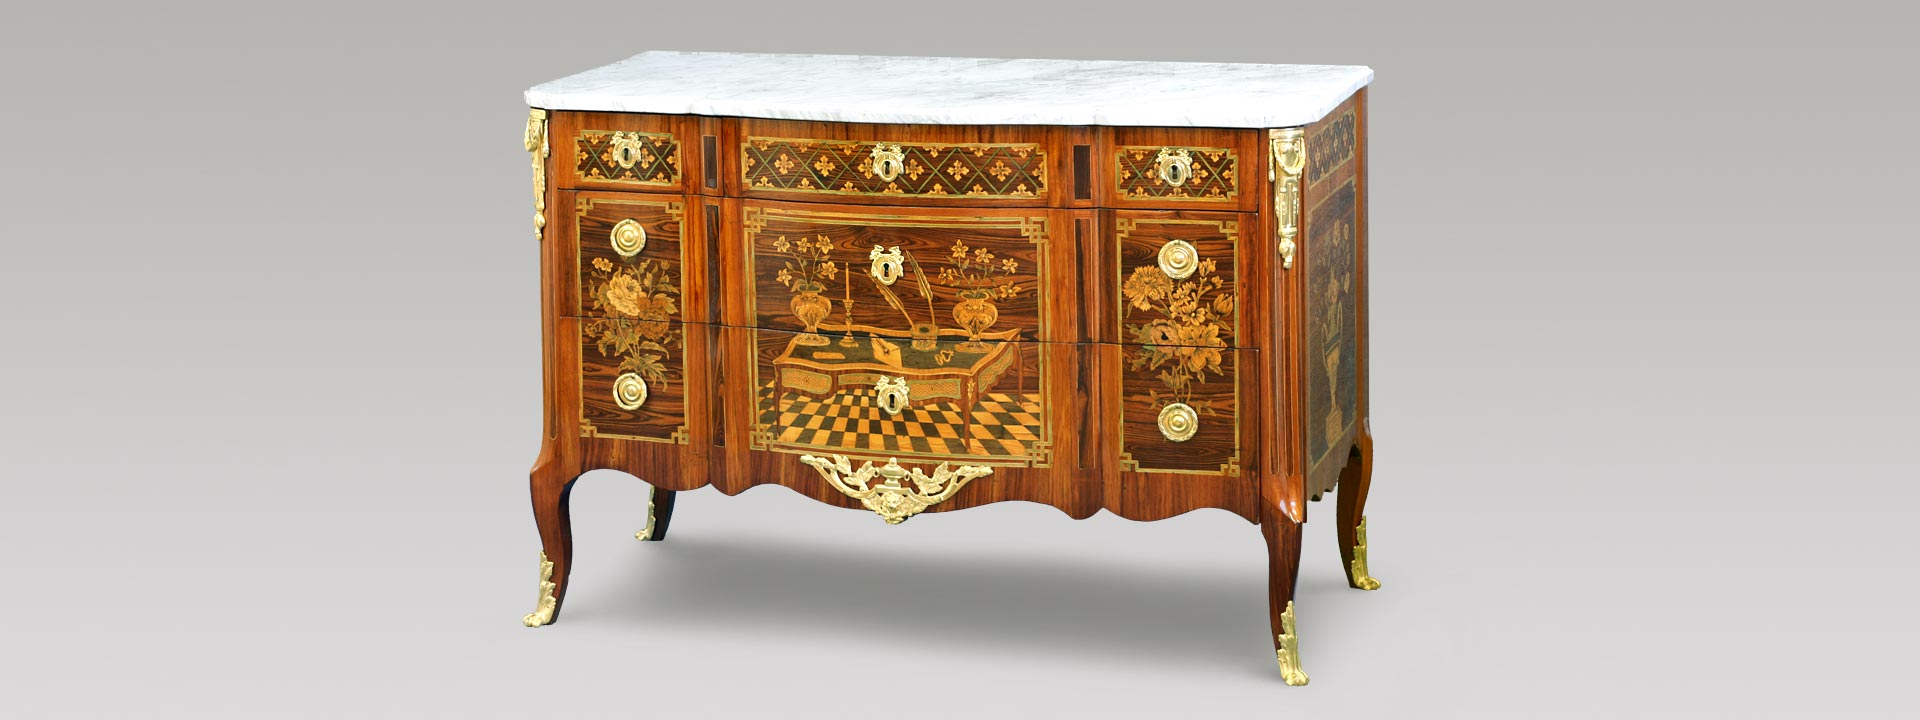 ebniste restaurateur de meubles louis xvi conservation restauration de mobilier louis xvi jean yves le bot camblon saint jean la poterie 56 bretagne